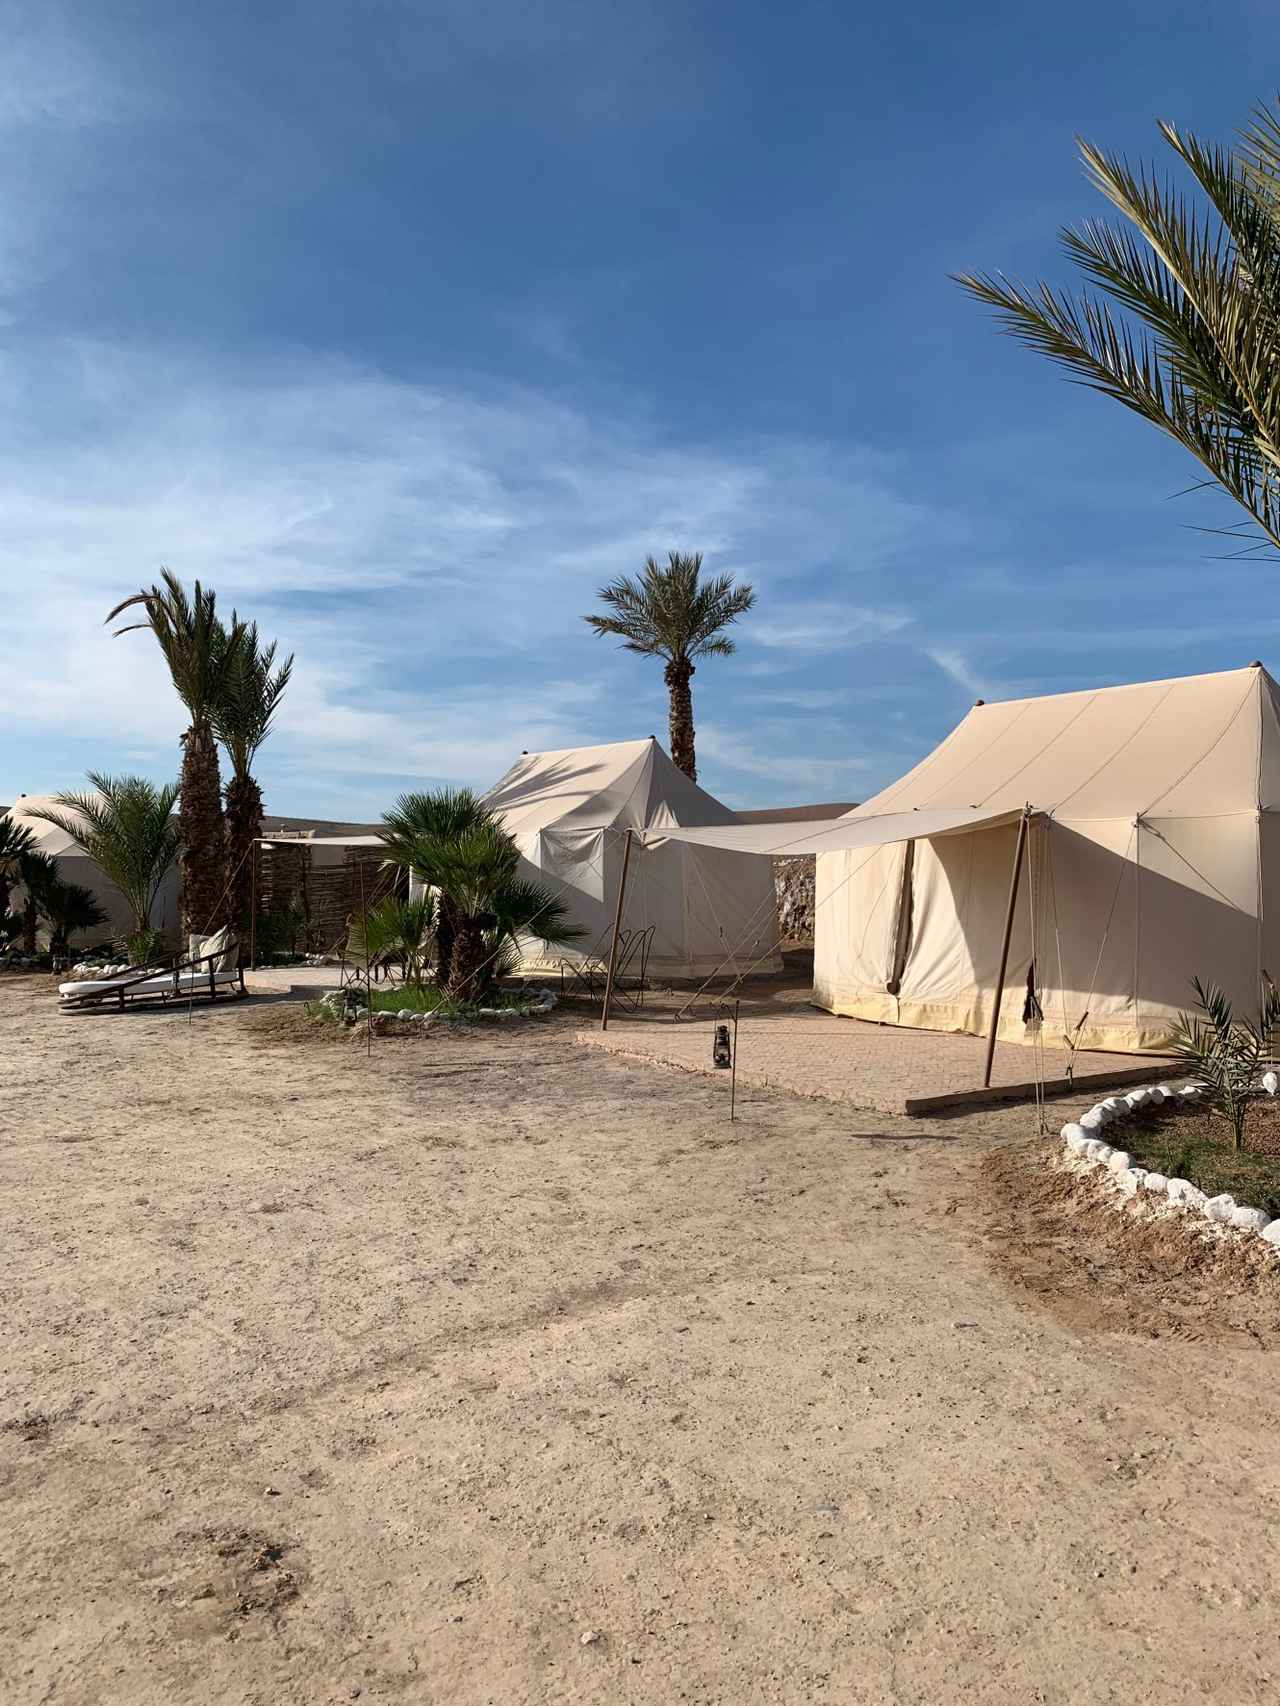 画像: アガファイ砂漠のグランピング施設(イメージ)